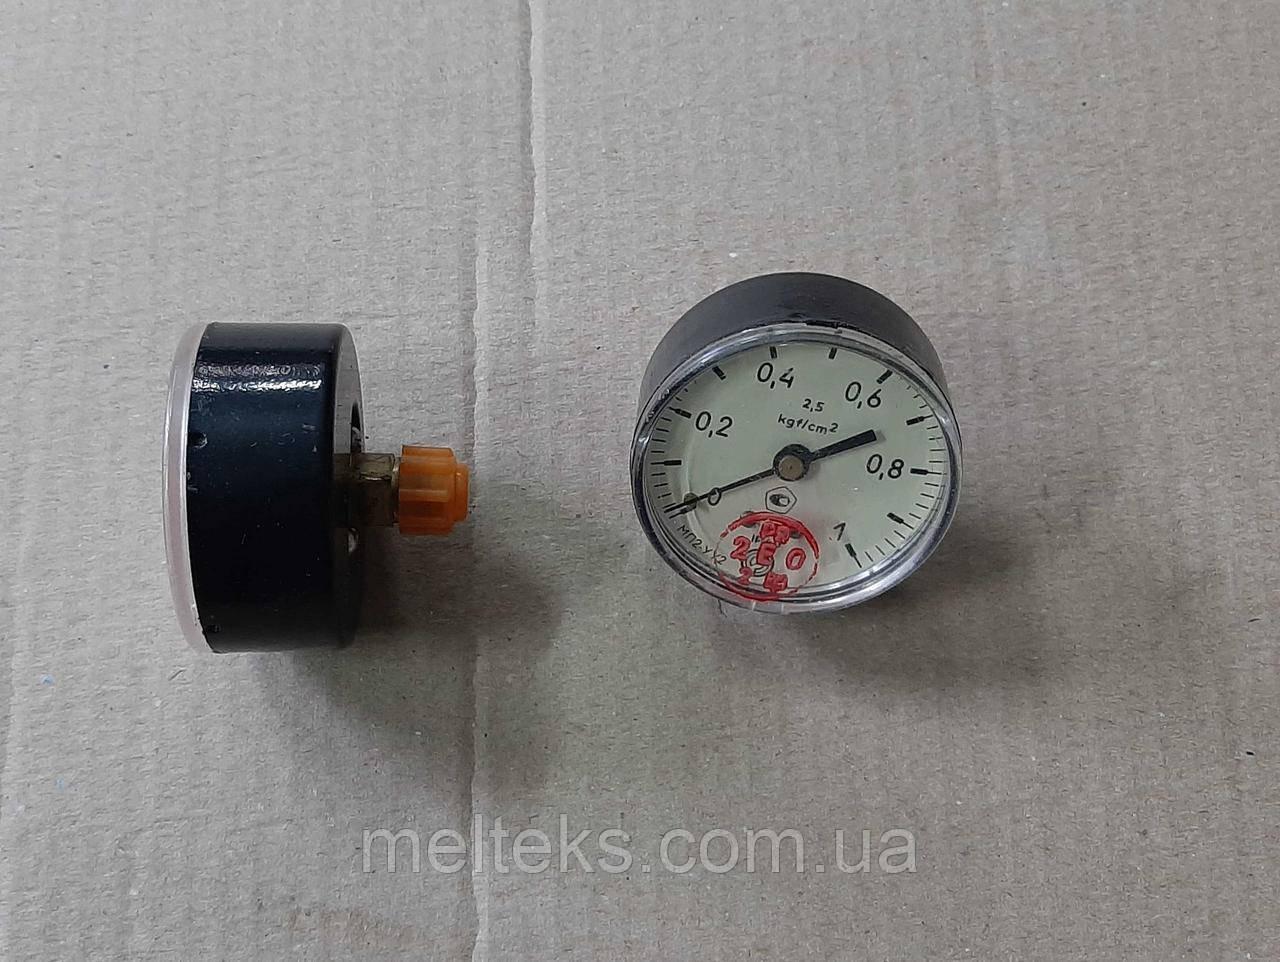 Манометр МП2-УУ2 осьової 1 атм